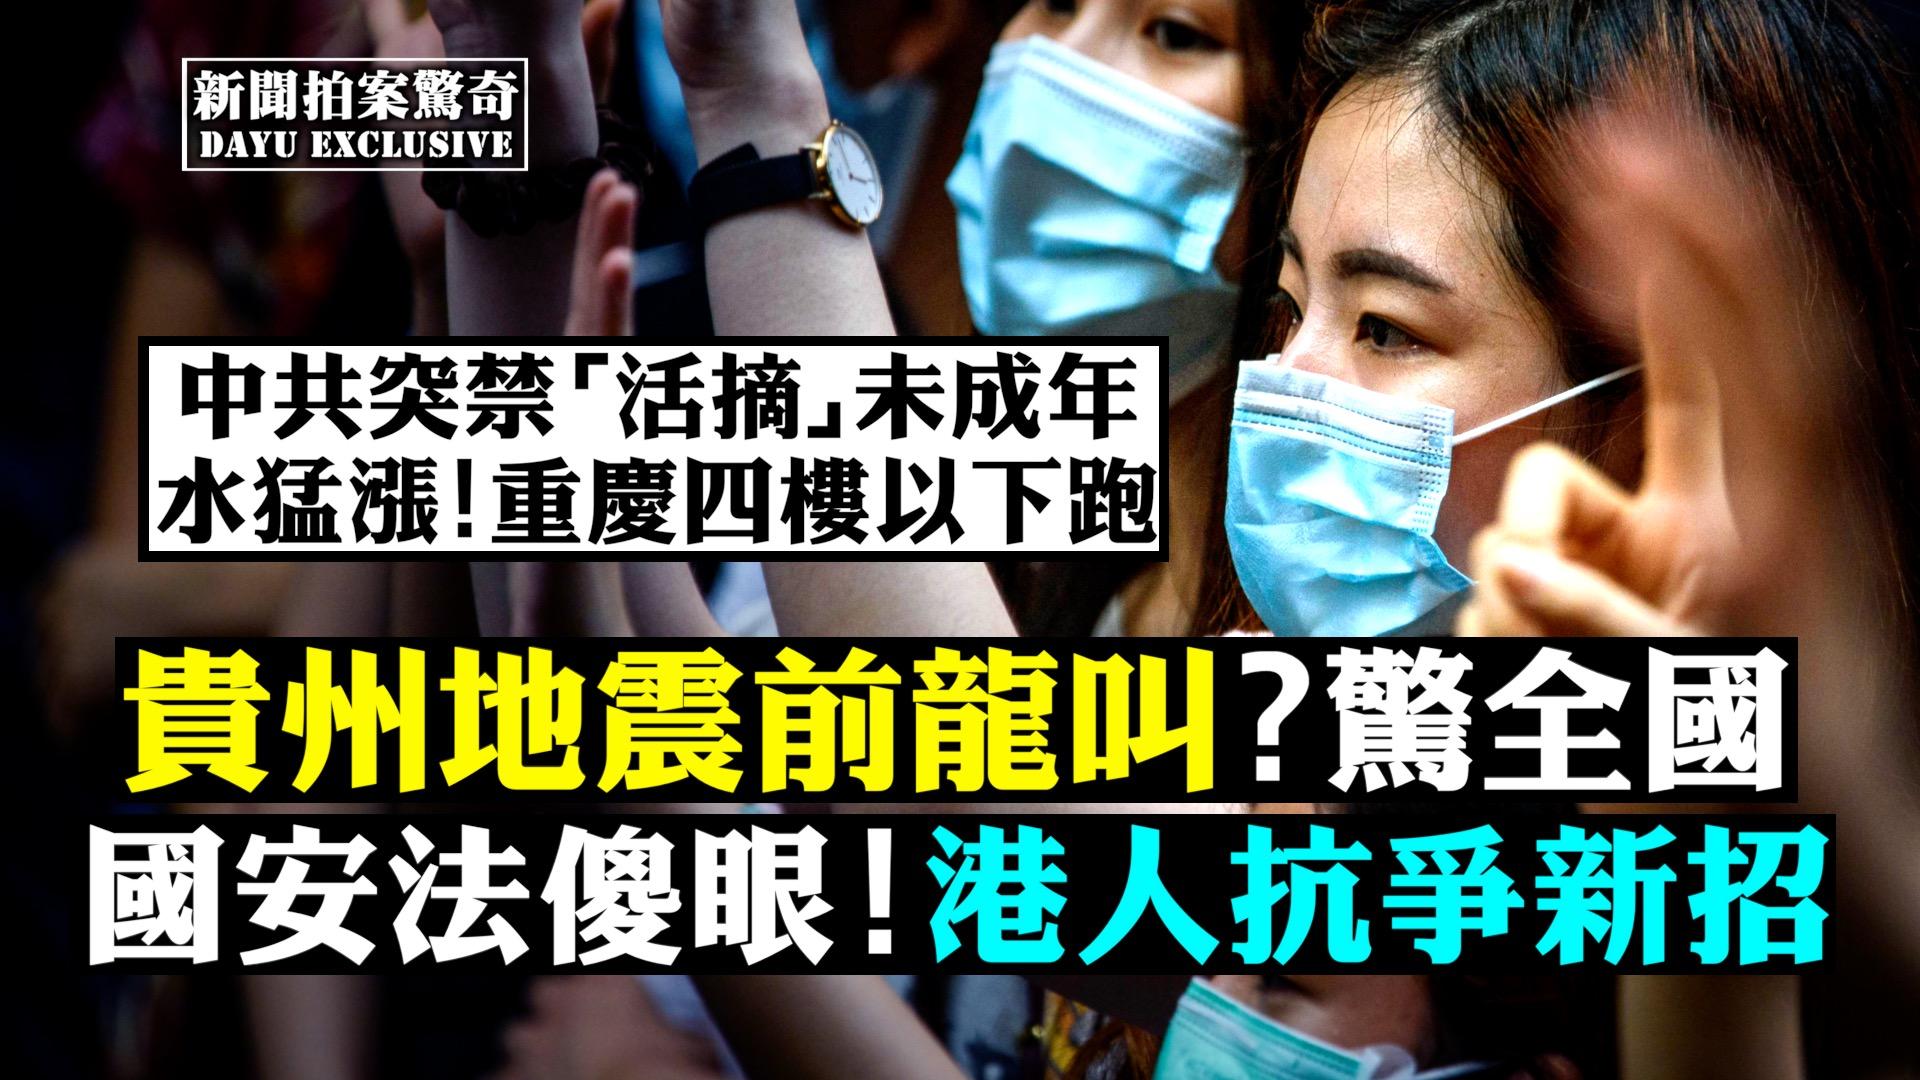 中國連續3場地震,威脅三峽!1號洪水將至;銅鑼灣又現離奇墜樓;少女舉白紙抗議。(新唐人合成)